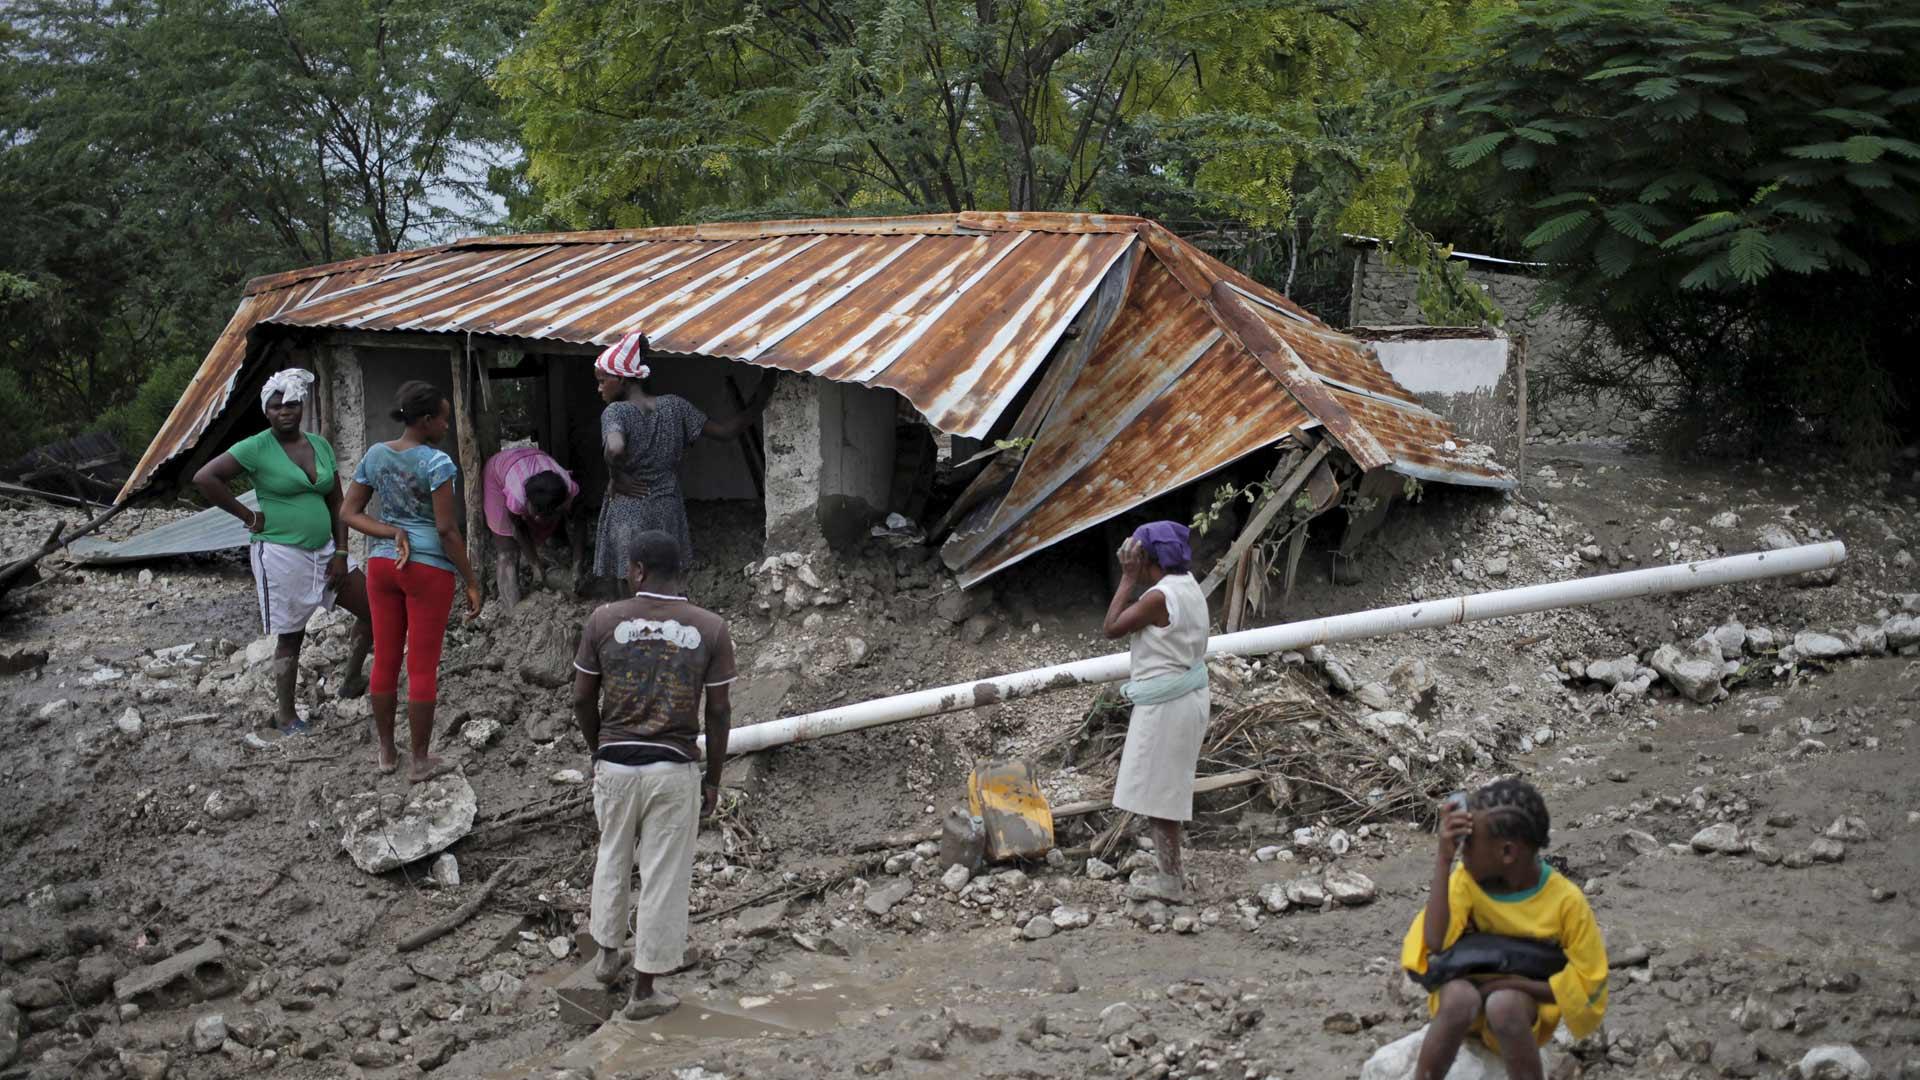 La tormenta provocó deslizamientos de tierra e inundaciones en los que fallecieron habitantes de la isla